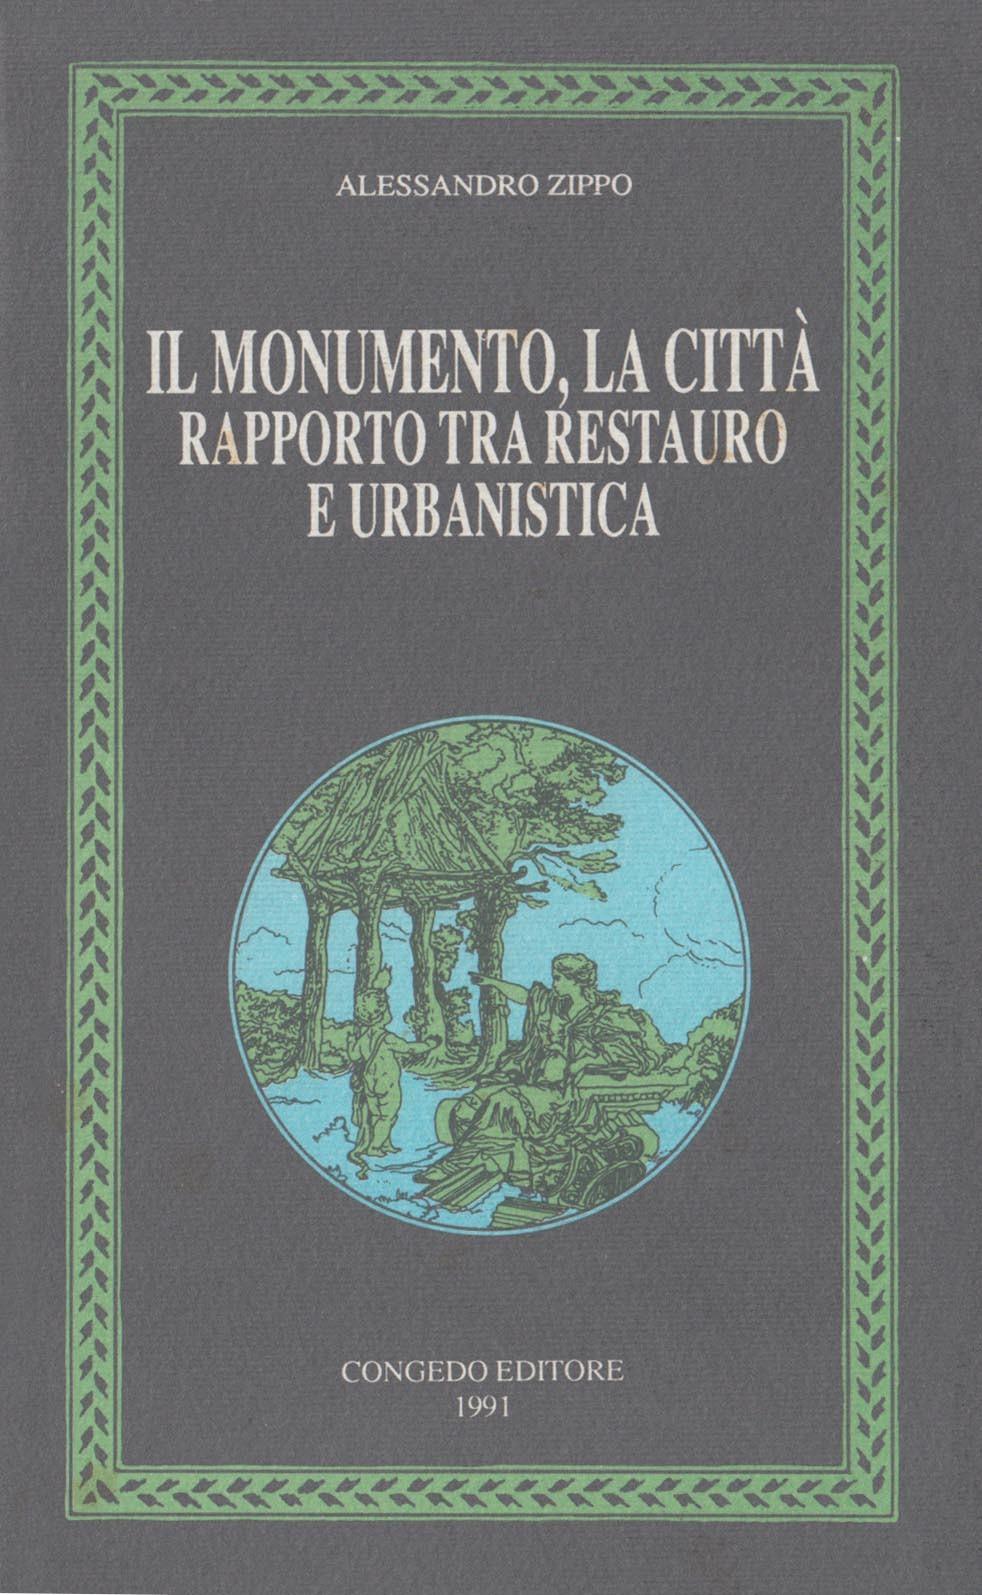 Il monumento la città - Rapporto tra restauro e urbanistica